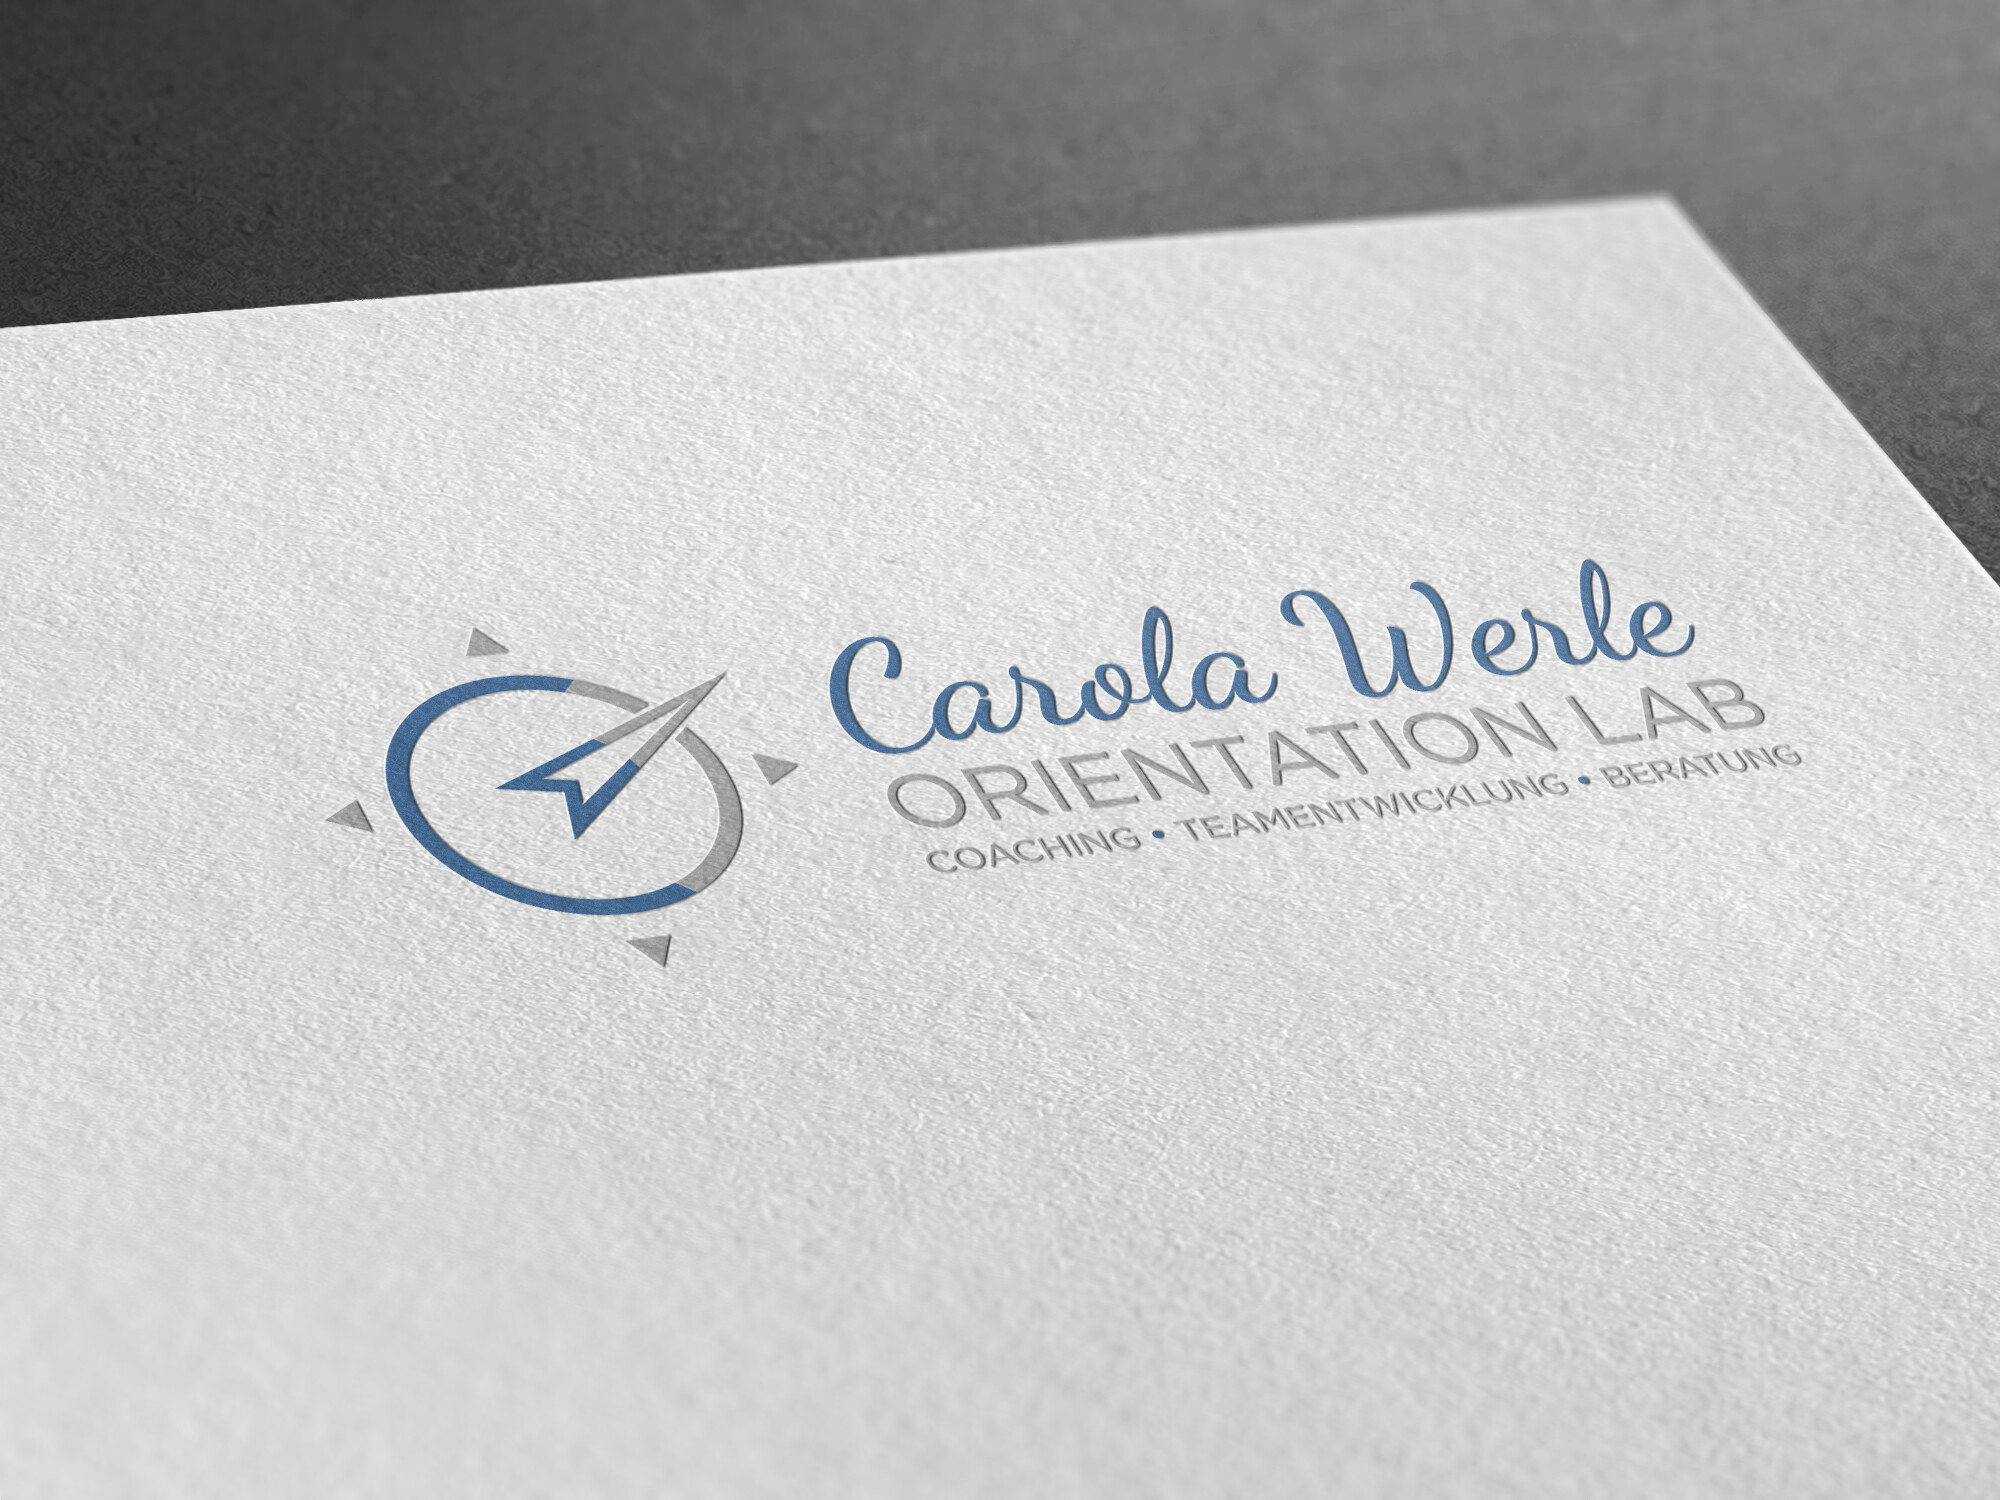 Logo Carola Werle